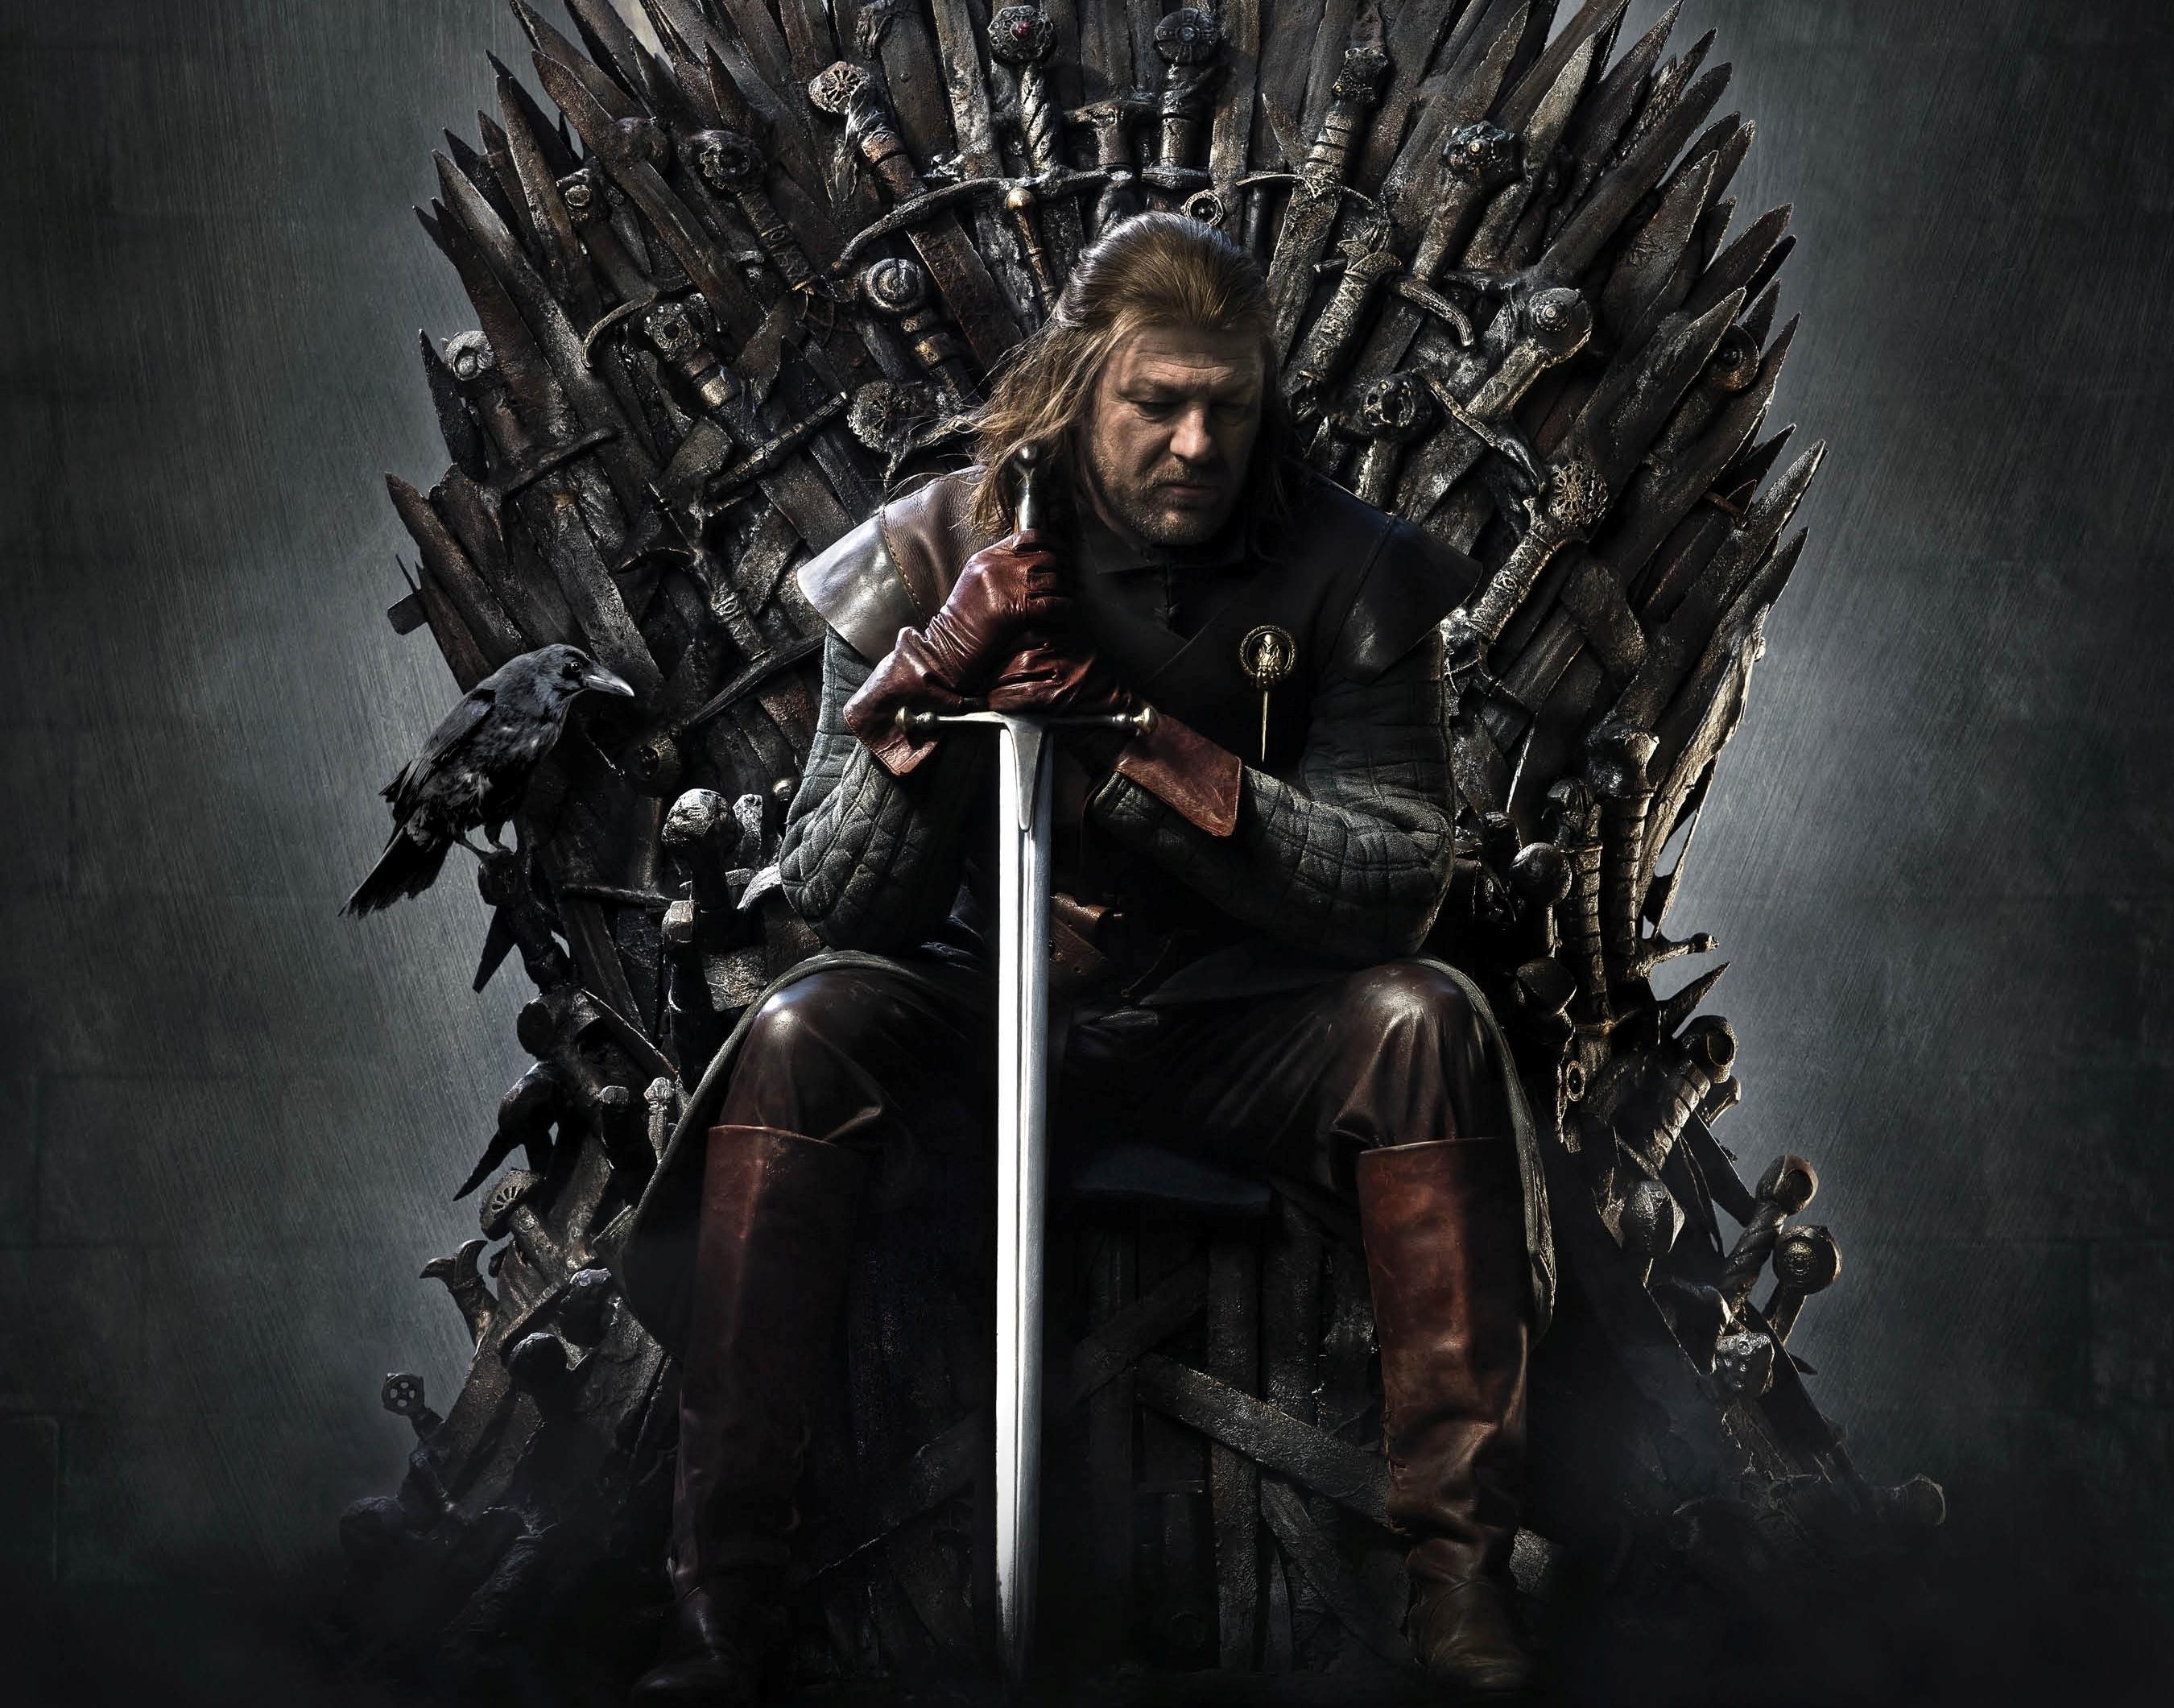 43252 скачать обои Кино, Люди, Мужчины, Игра Престолов (Game Of Thrones) - заставки и картинки бесплатно